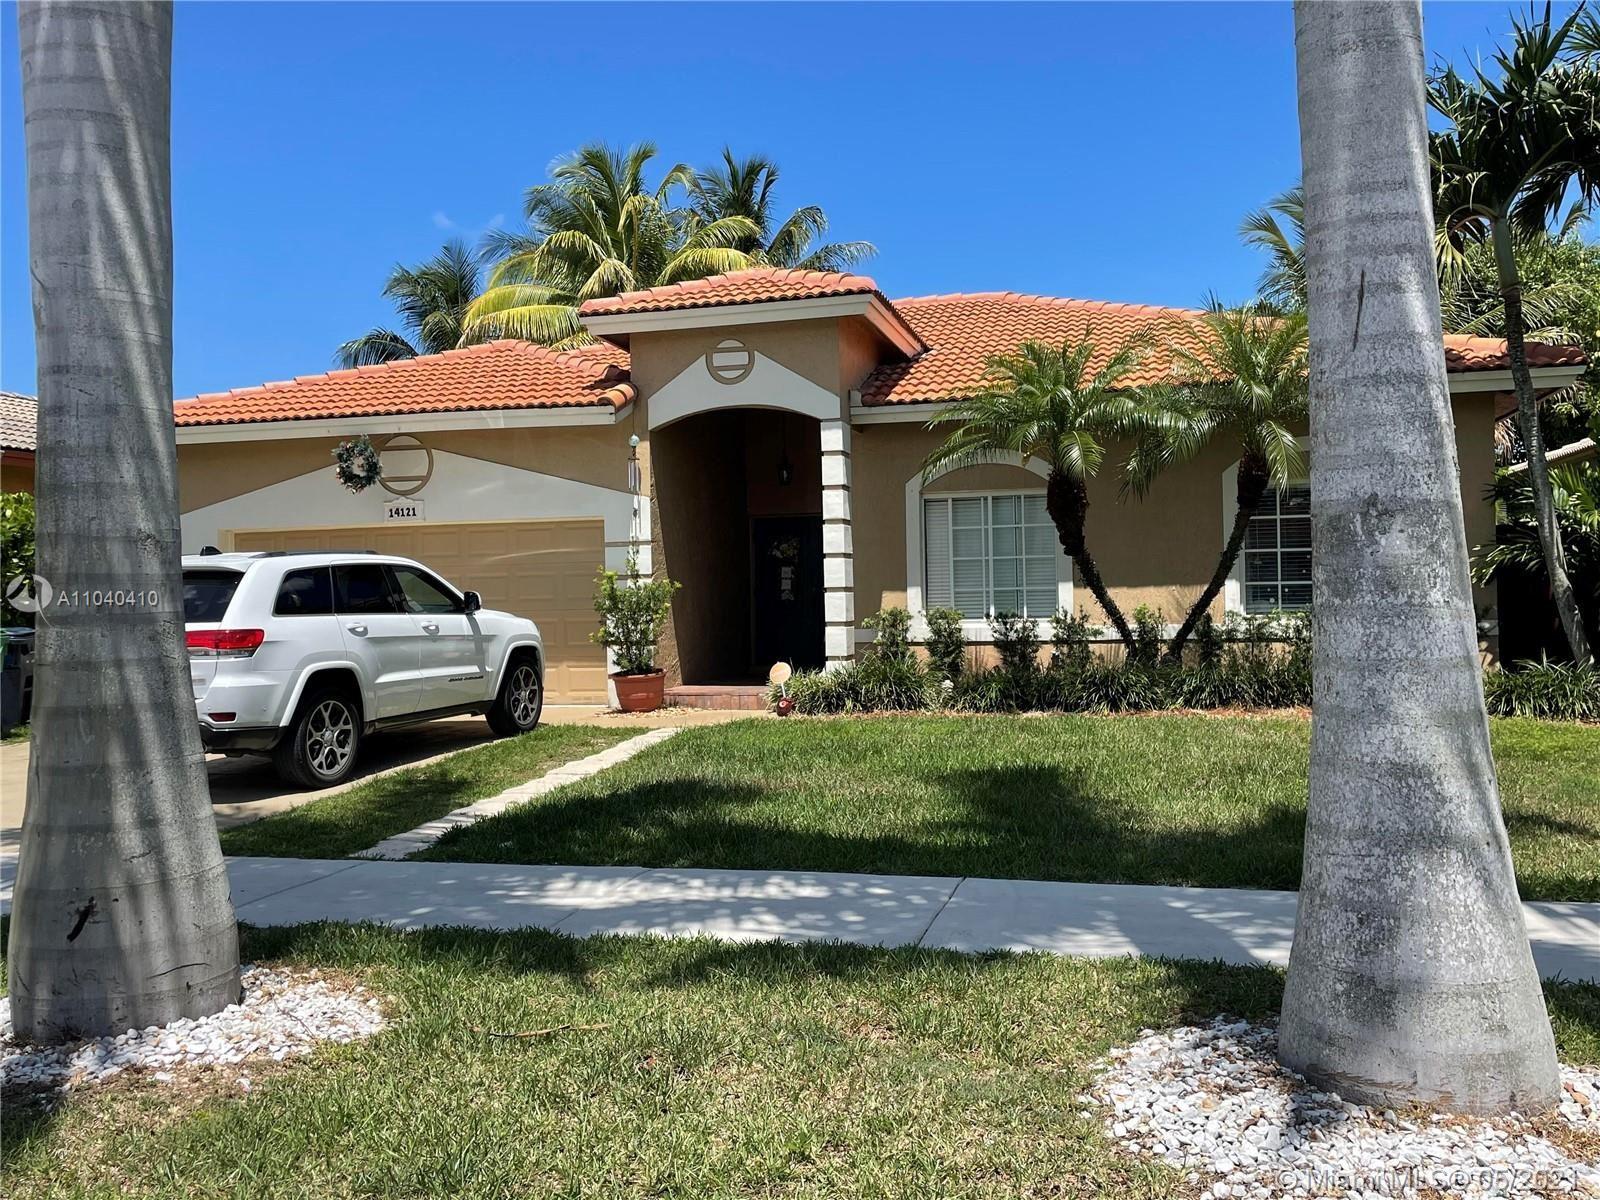 14121 SW 161st Ct, Miami, FL 33196 - #: A11040410